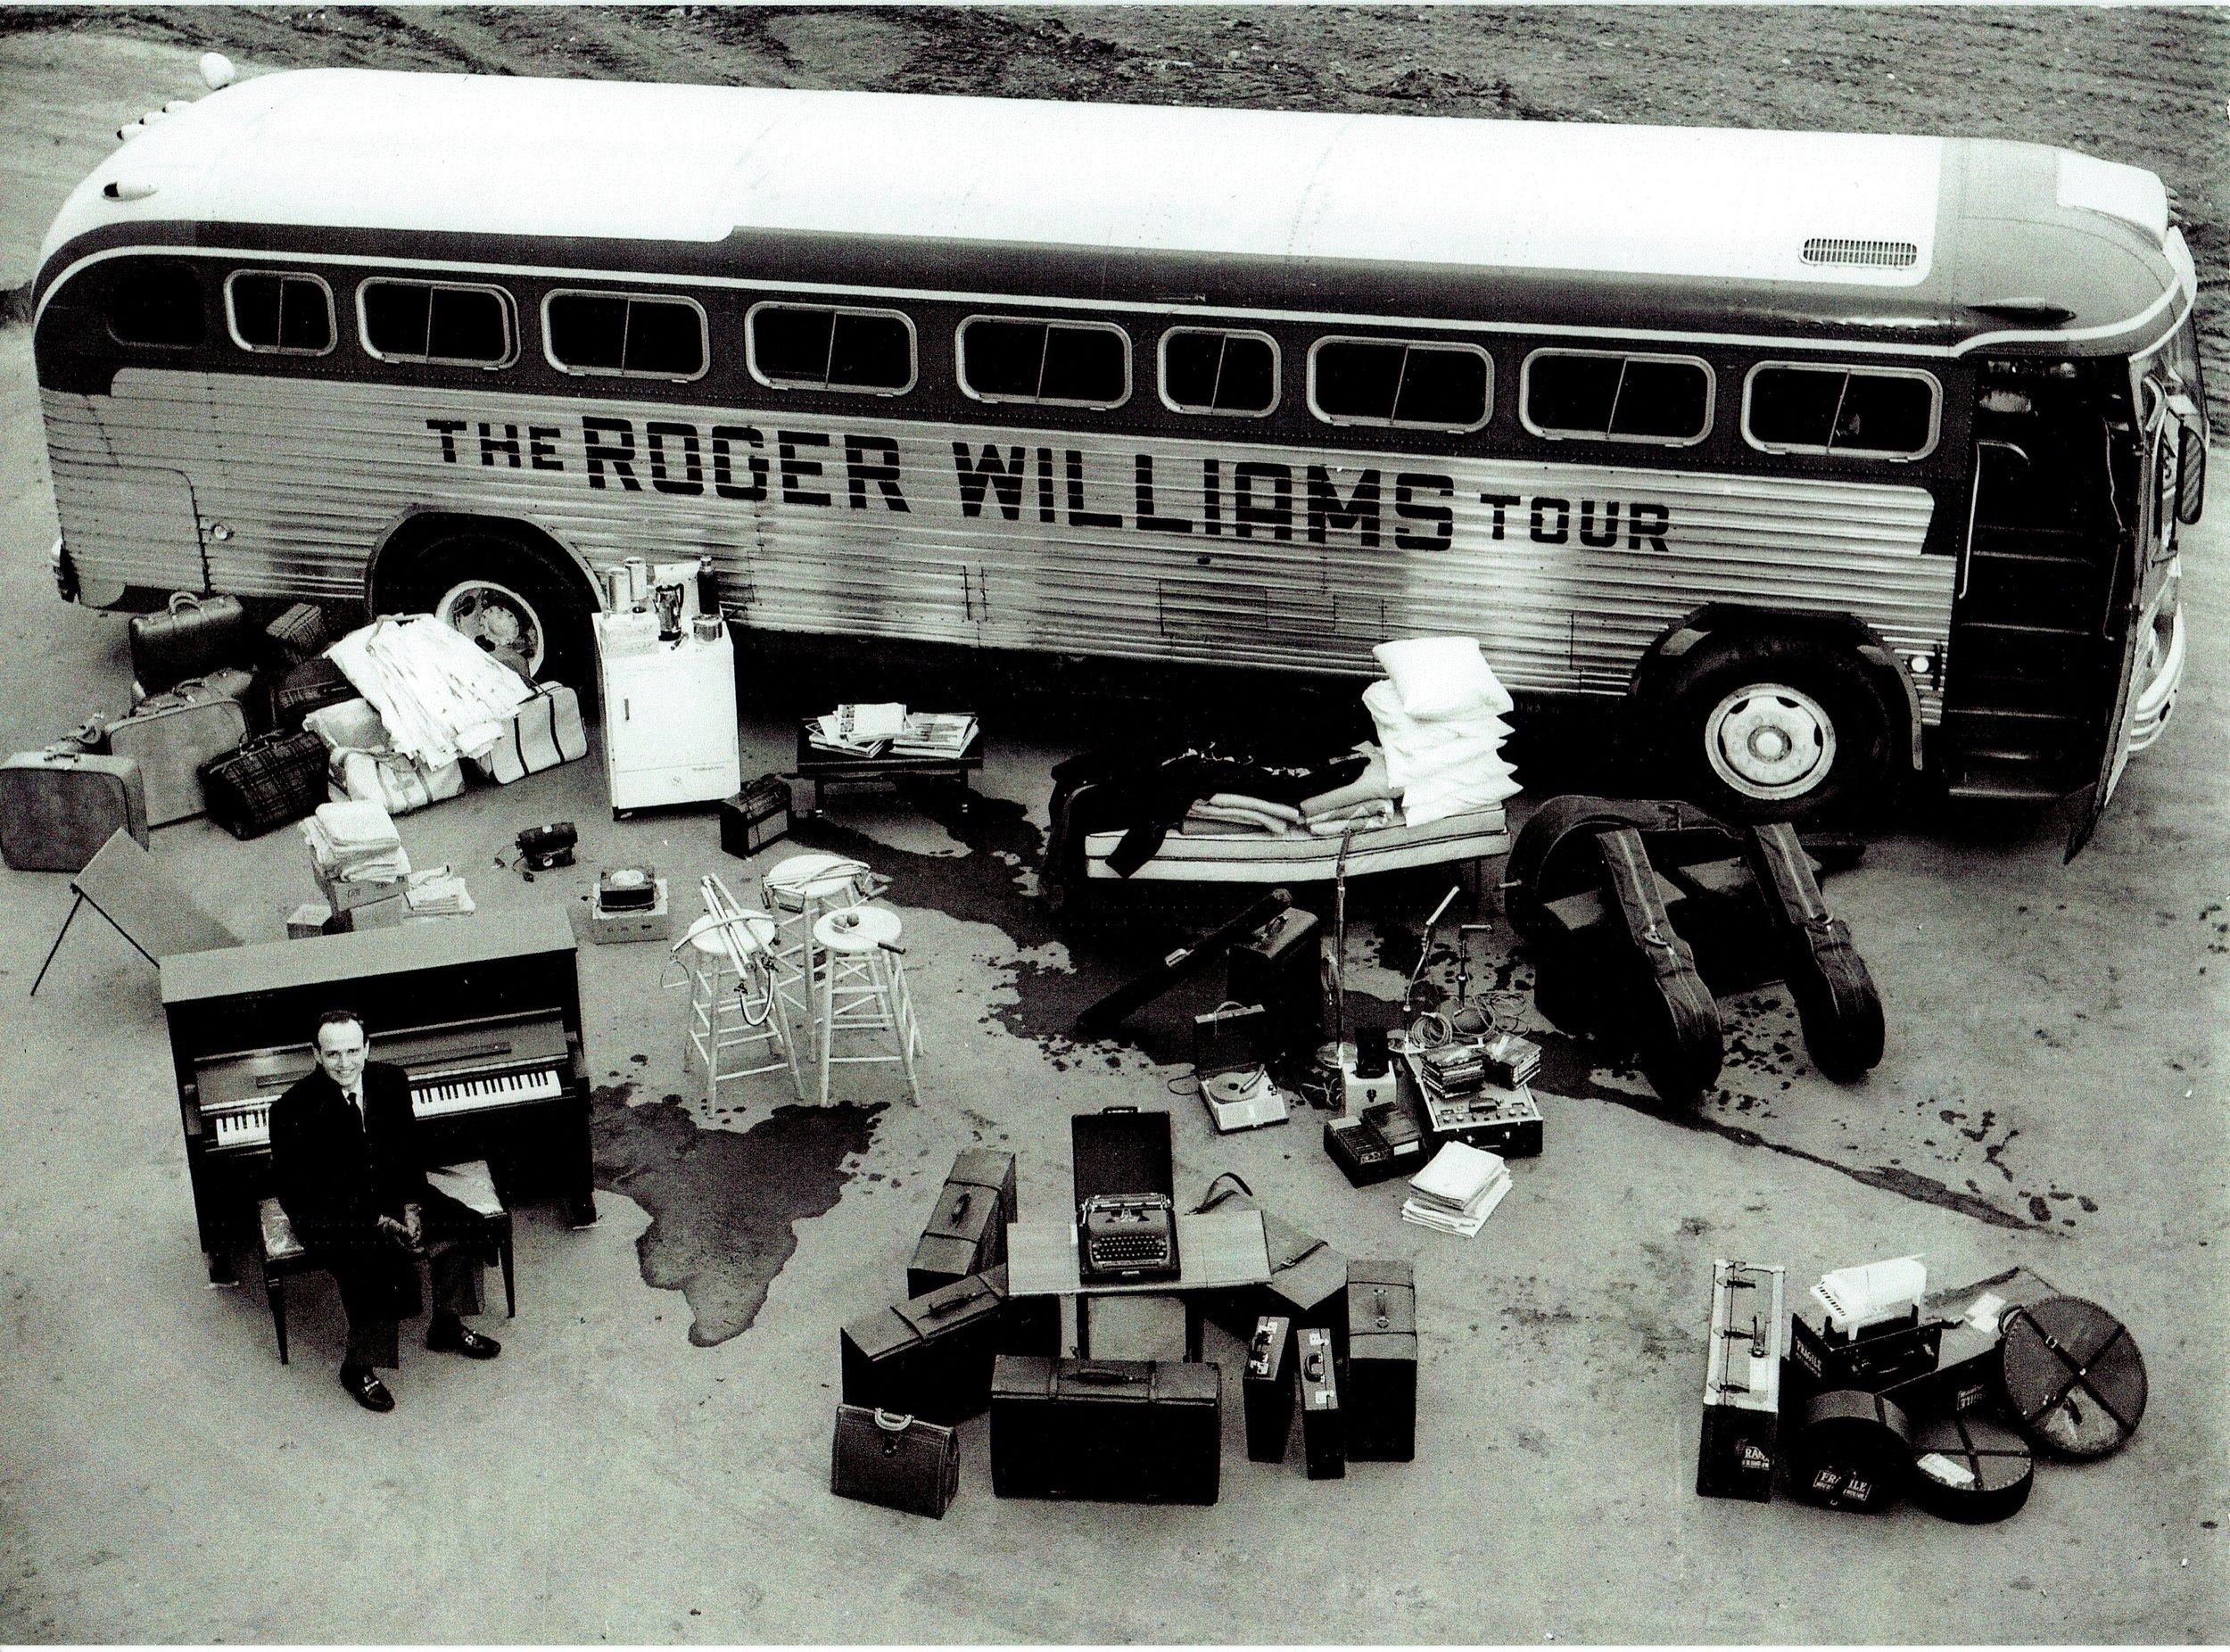 Roger's Tour Bus 1960's